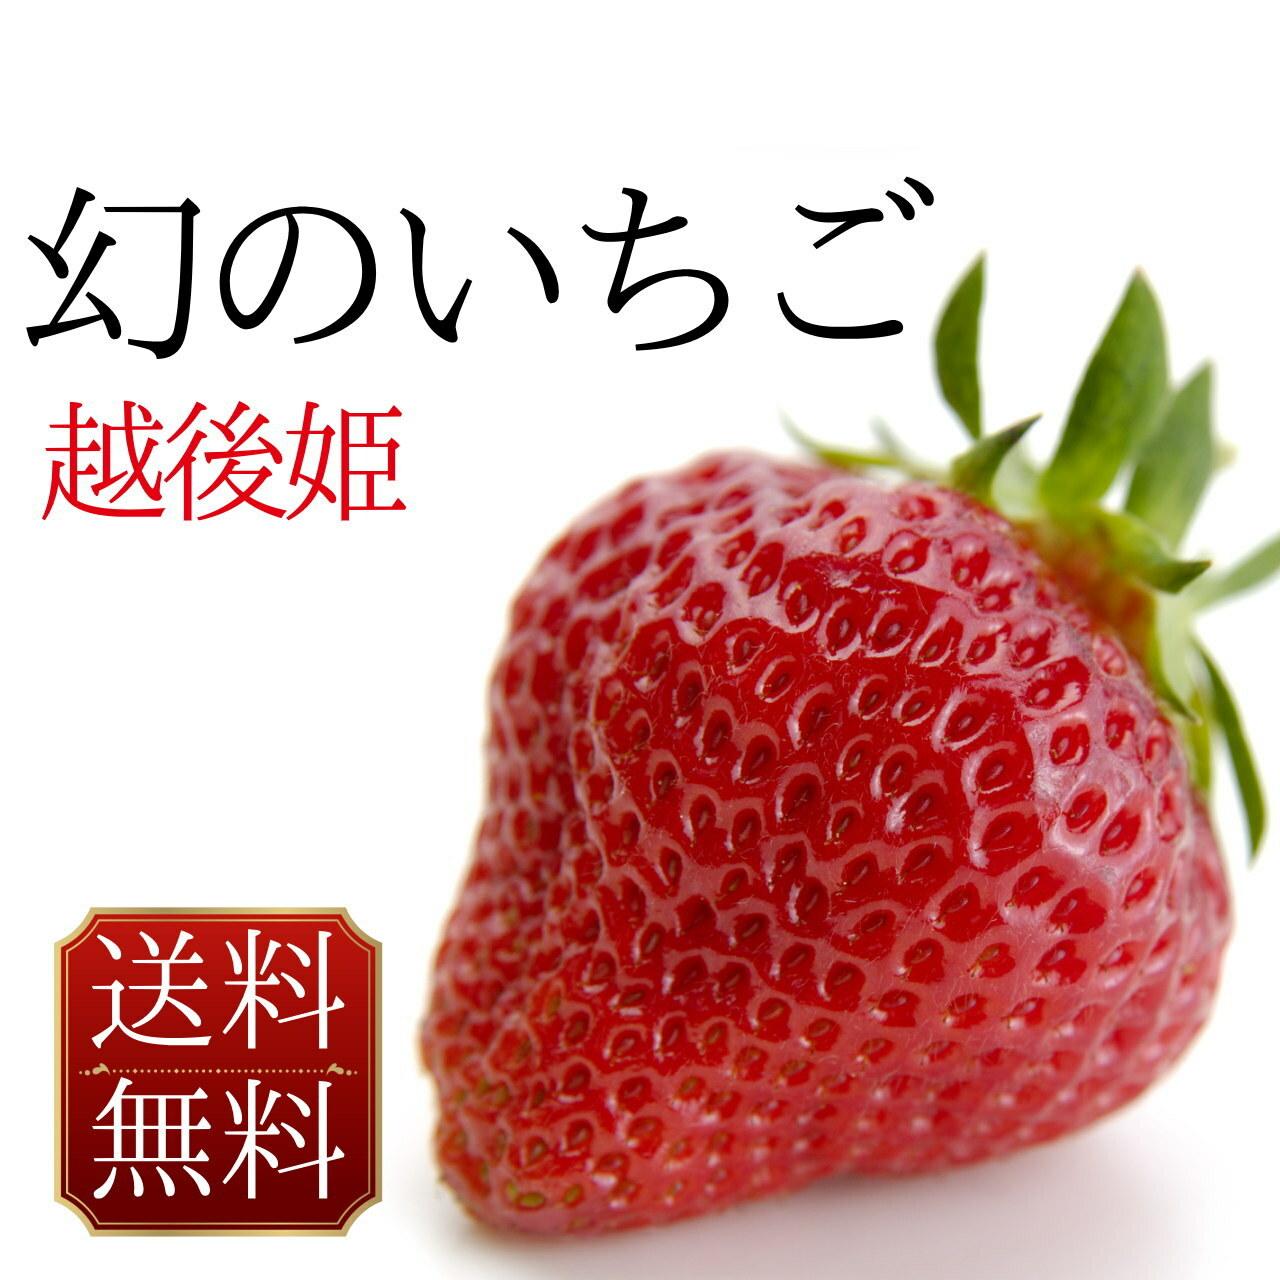 越後姫 旬のおいしいイチゴ 送料無料 400g ギフトボックス入り